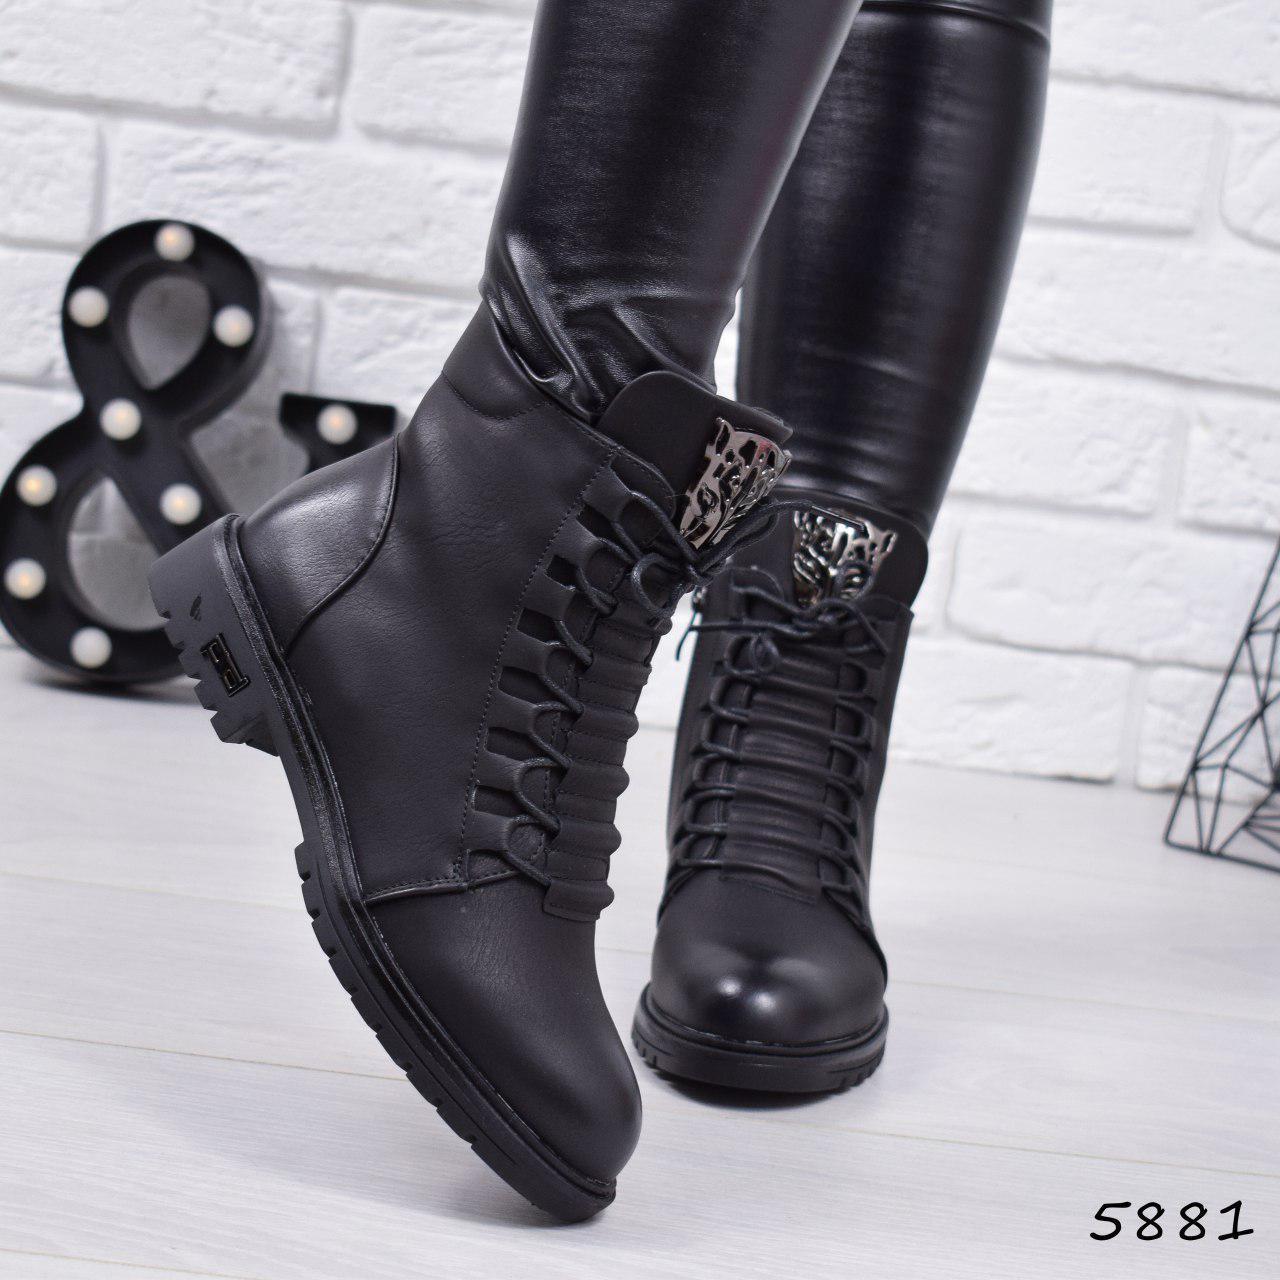 """Ботинки, ботильоны черные демисезонные """"Tigra"""" эко кожа, повседневная,осенняя, женская обувь"""